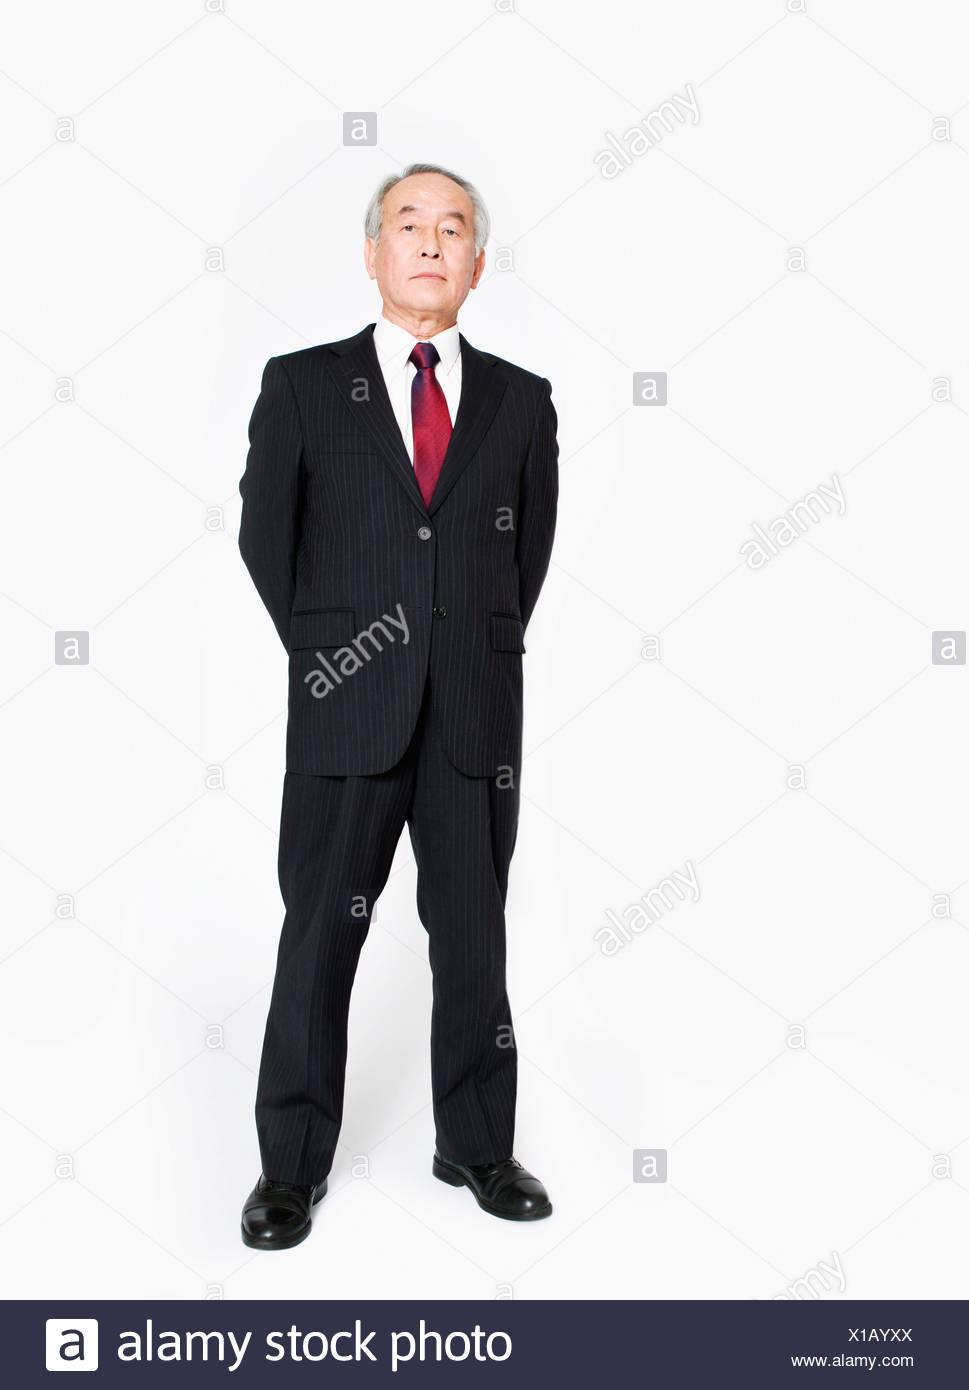 Un largometraje de retrato de un hombre asiático Imagen De Stock